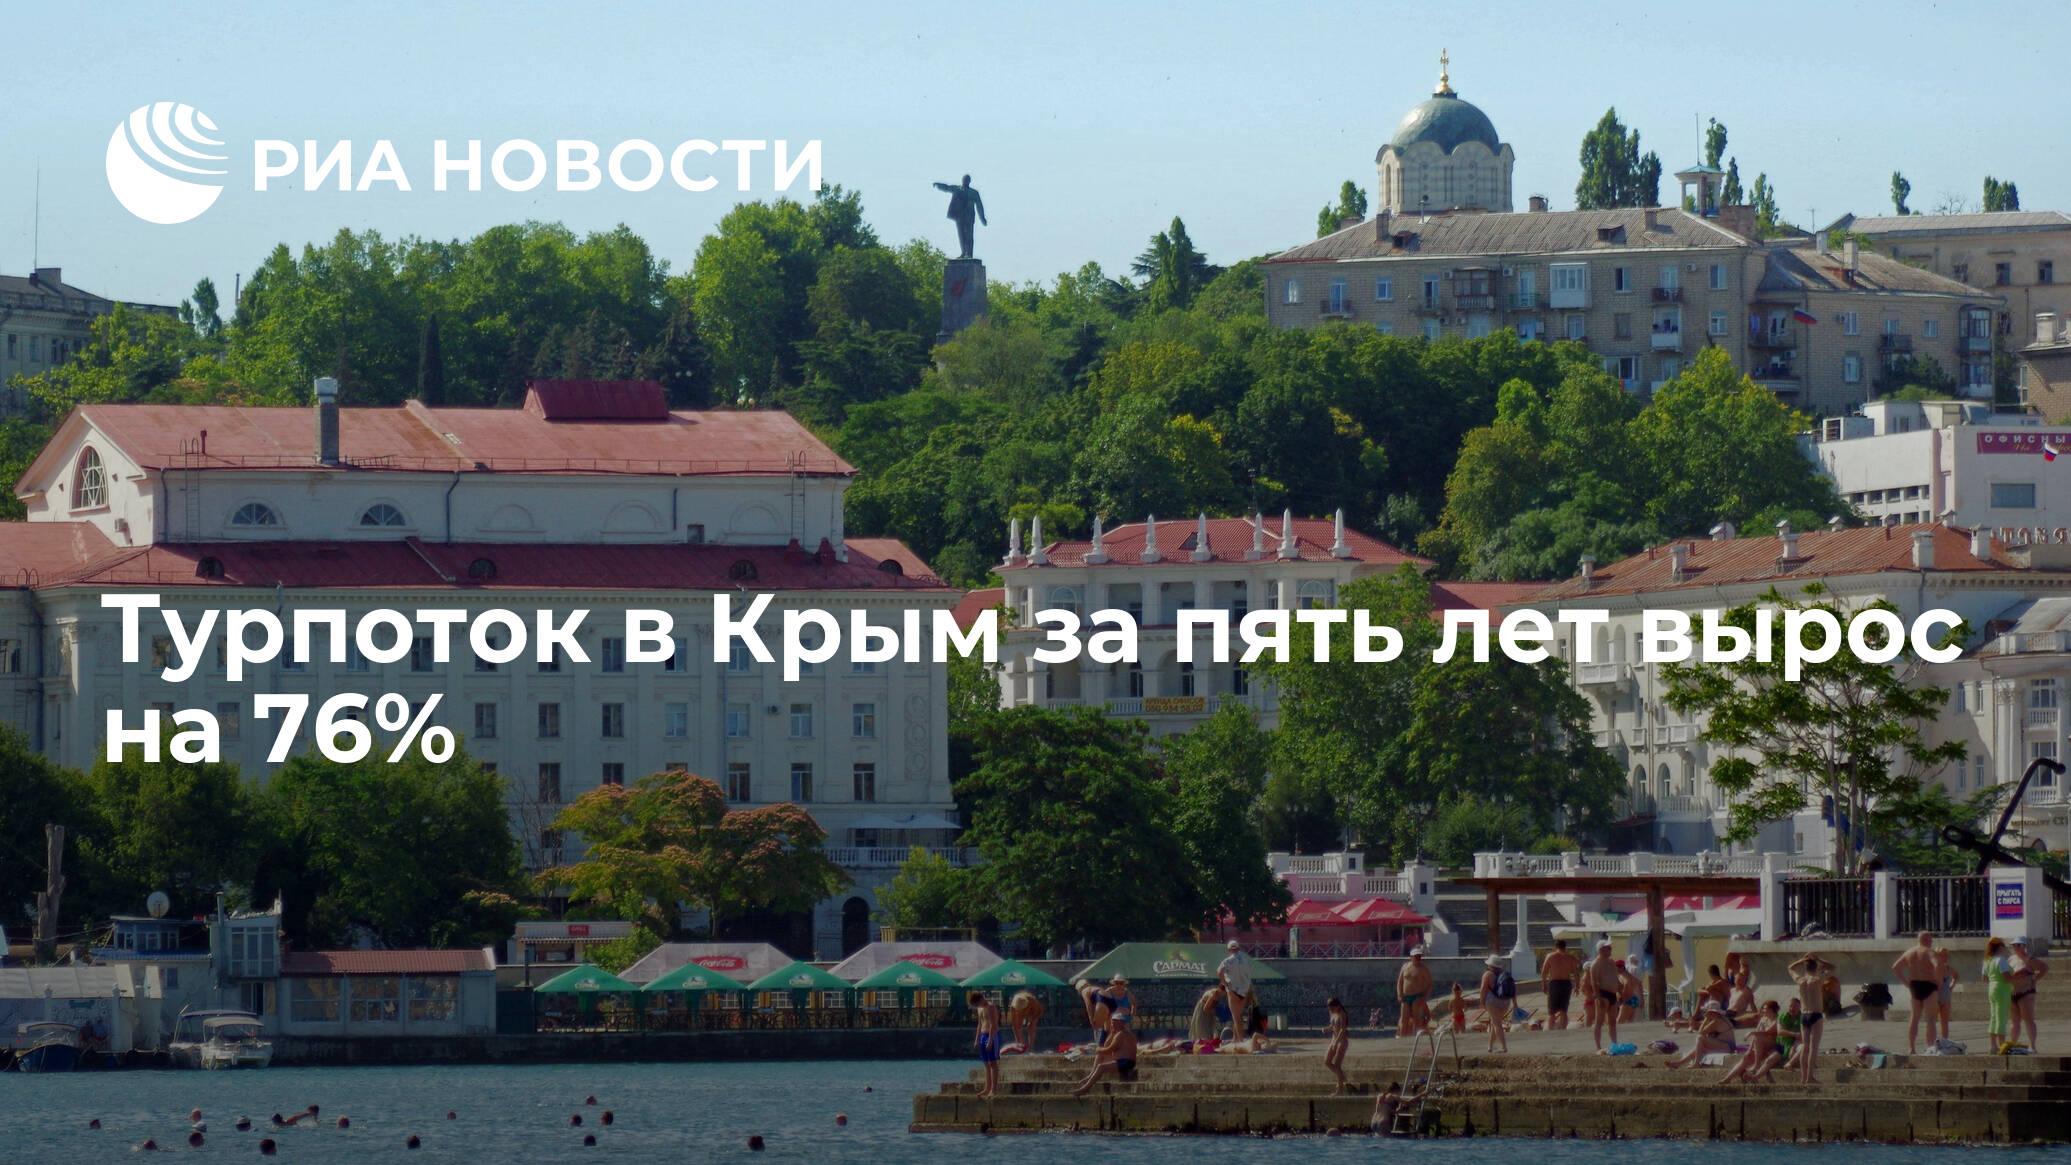 Турпоток в Крым за пять лет вырос на 76%